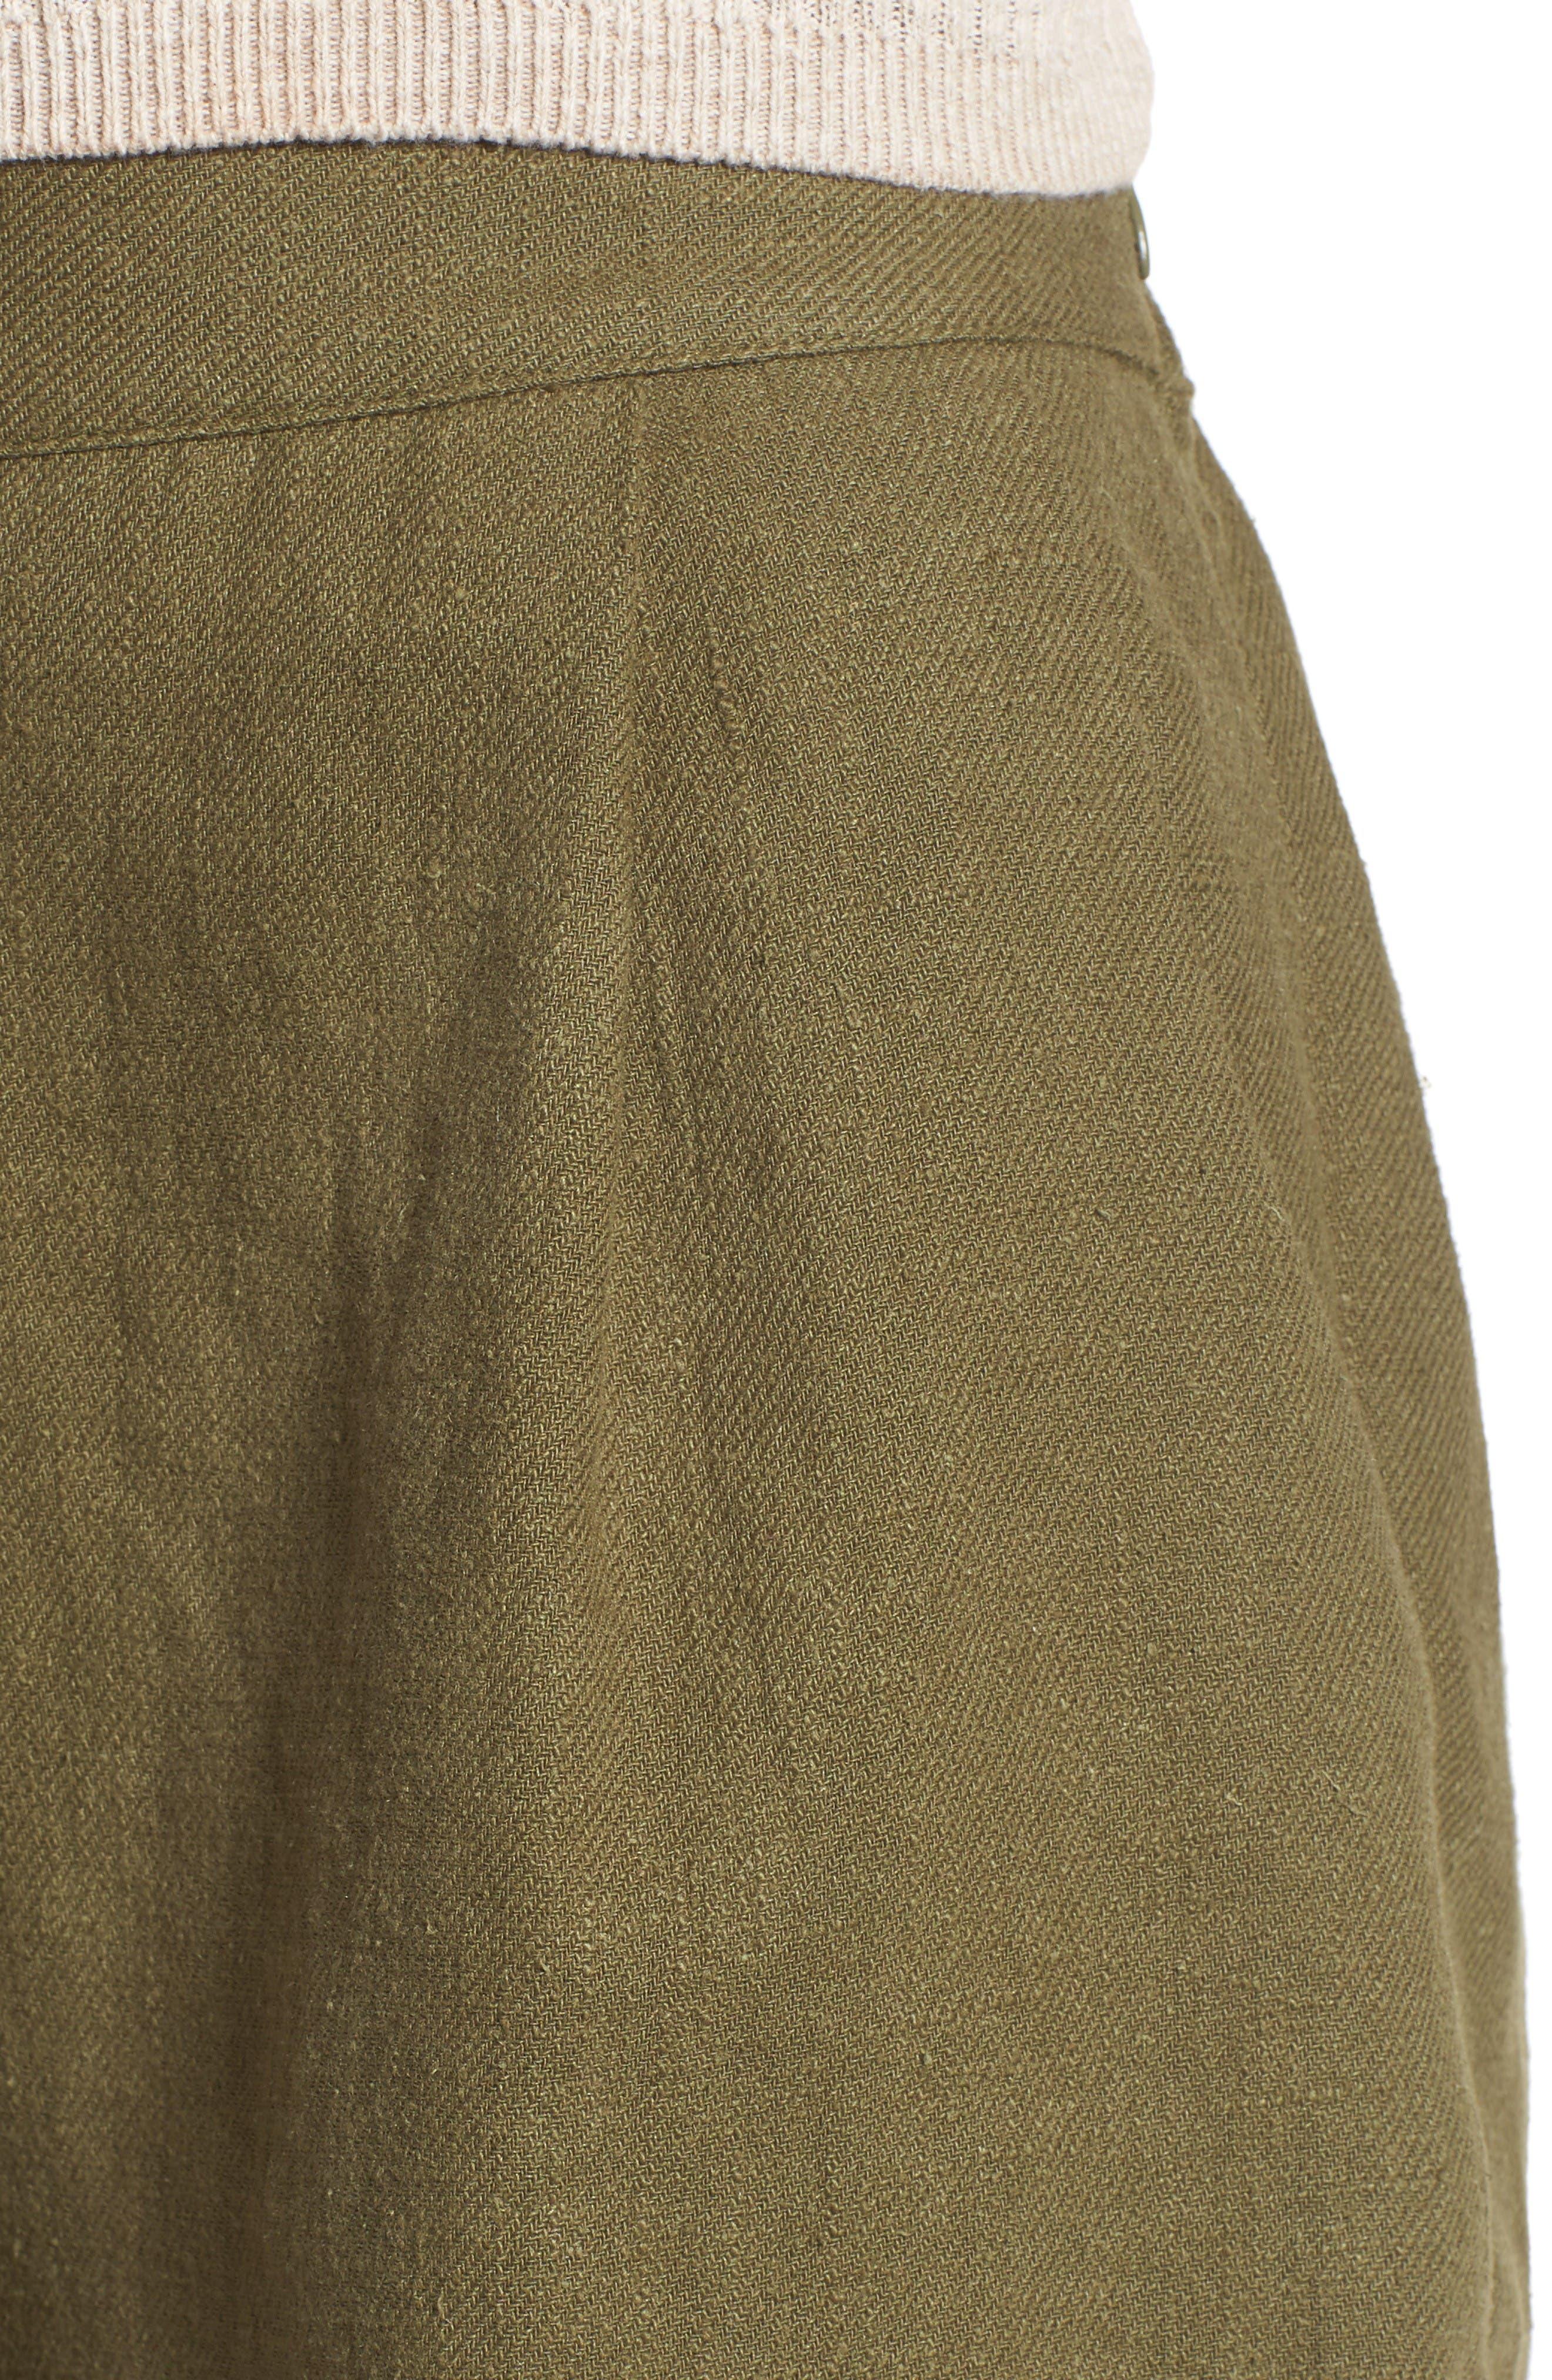 Alternate Image 5  - MOON RIVER High Waist Linen & Cotton Shorts